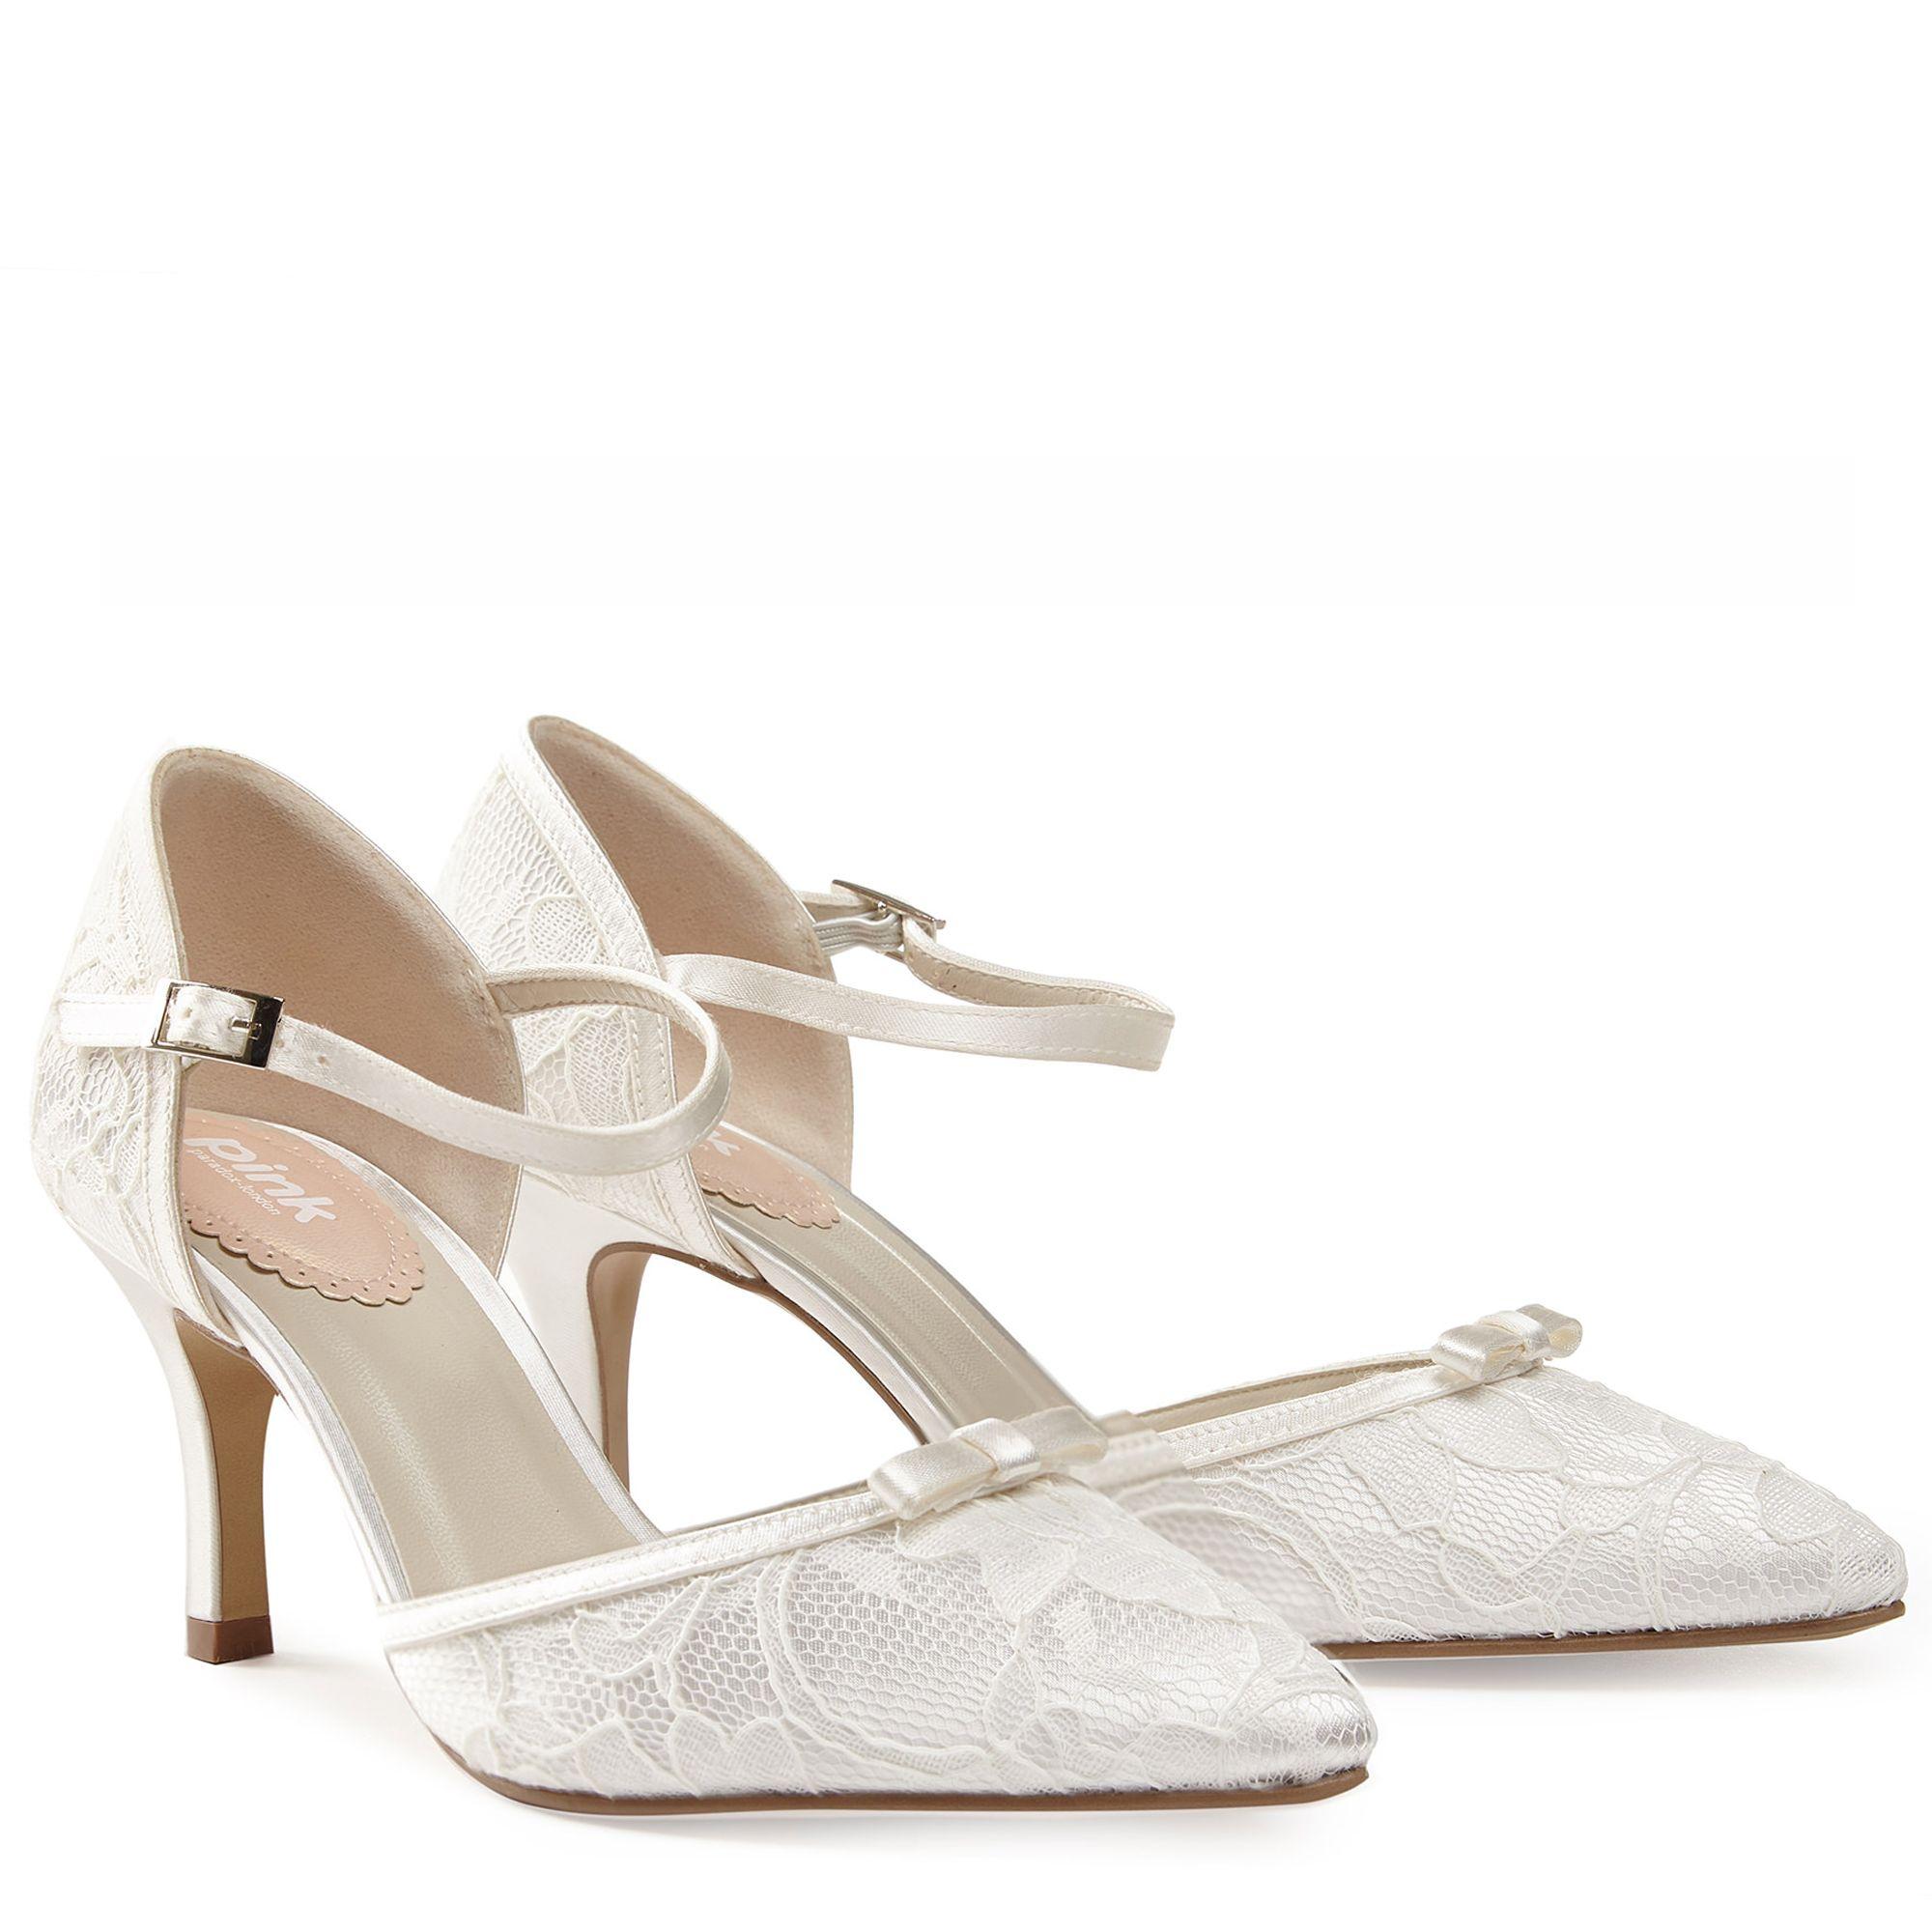 Fancy Bridal & Wedding Shoes